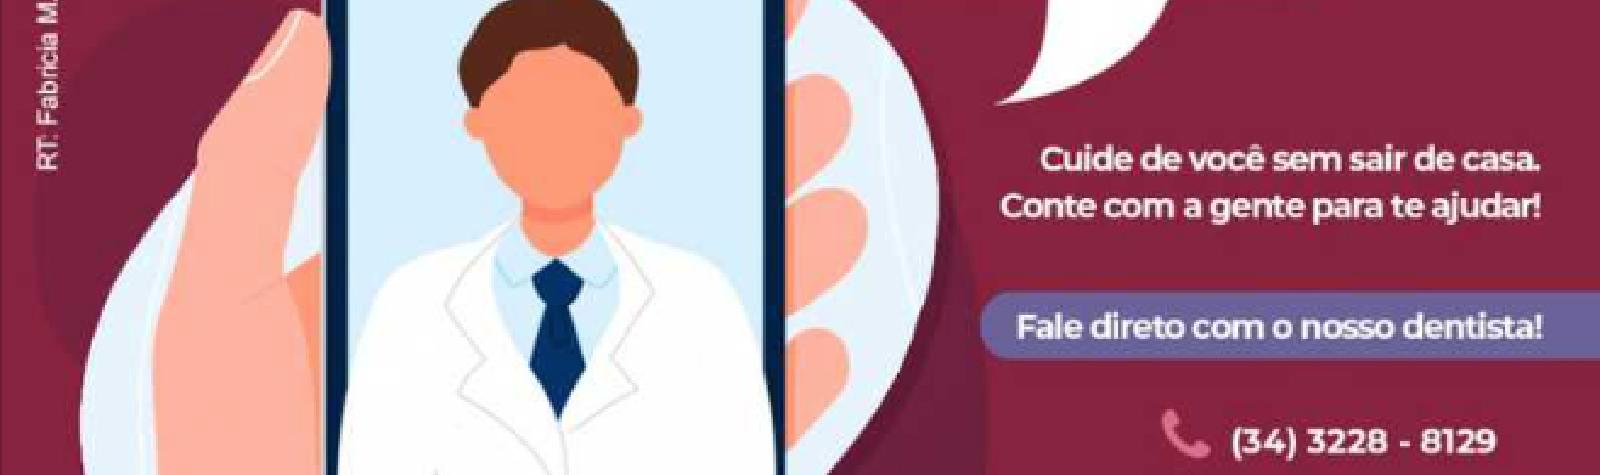 Uniodonto Uberlândia traz o serviço de Teleodontologia para toda a população